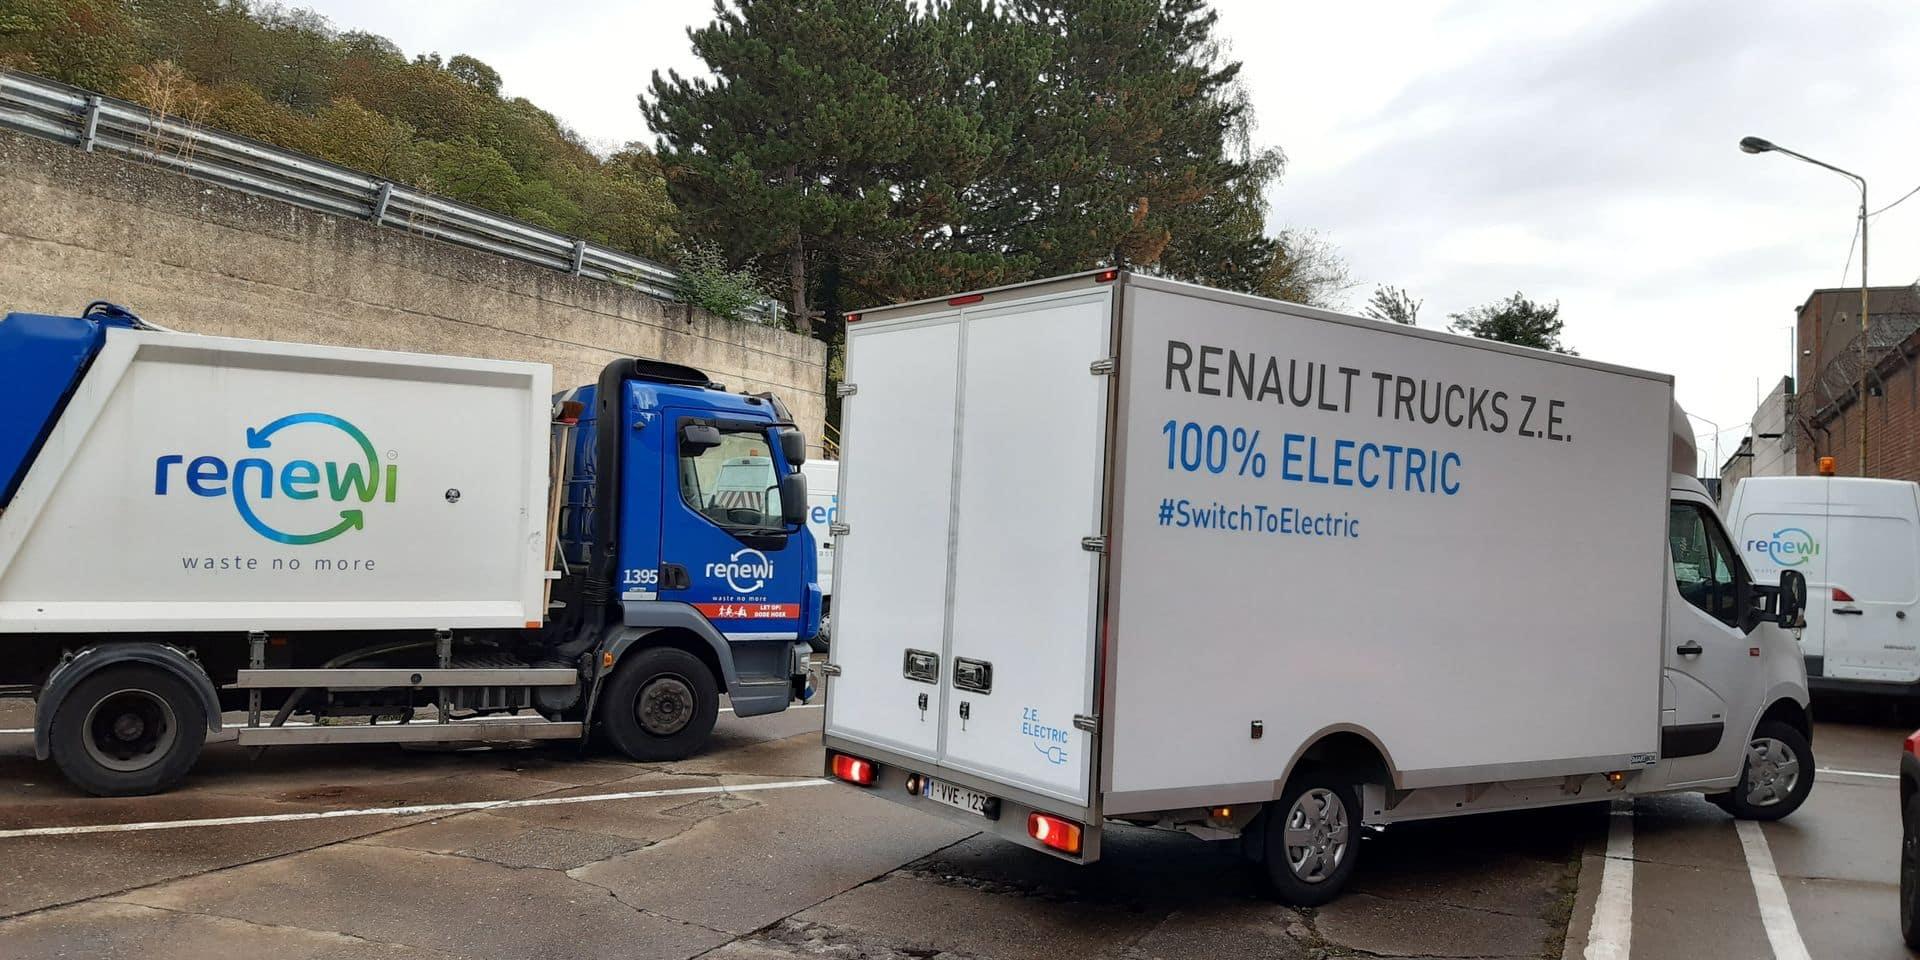 Des véhicules propres pour collecter les déchets liégeois